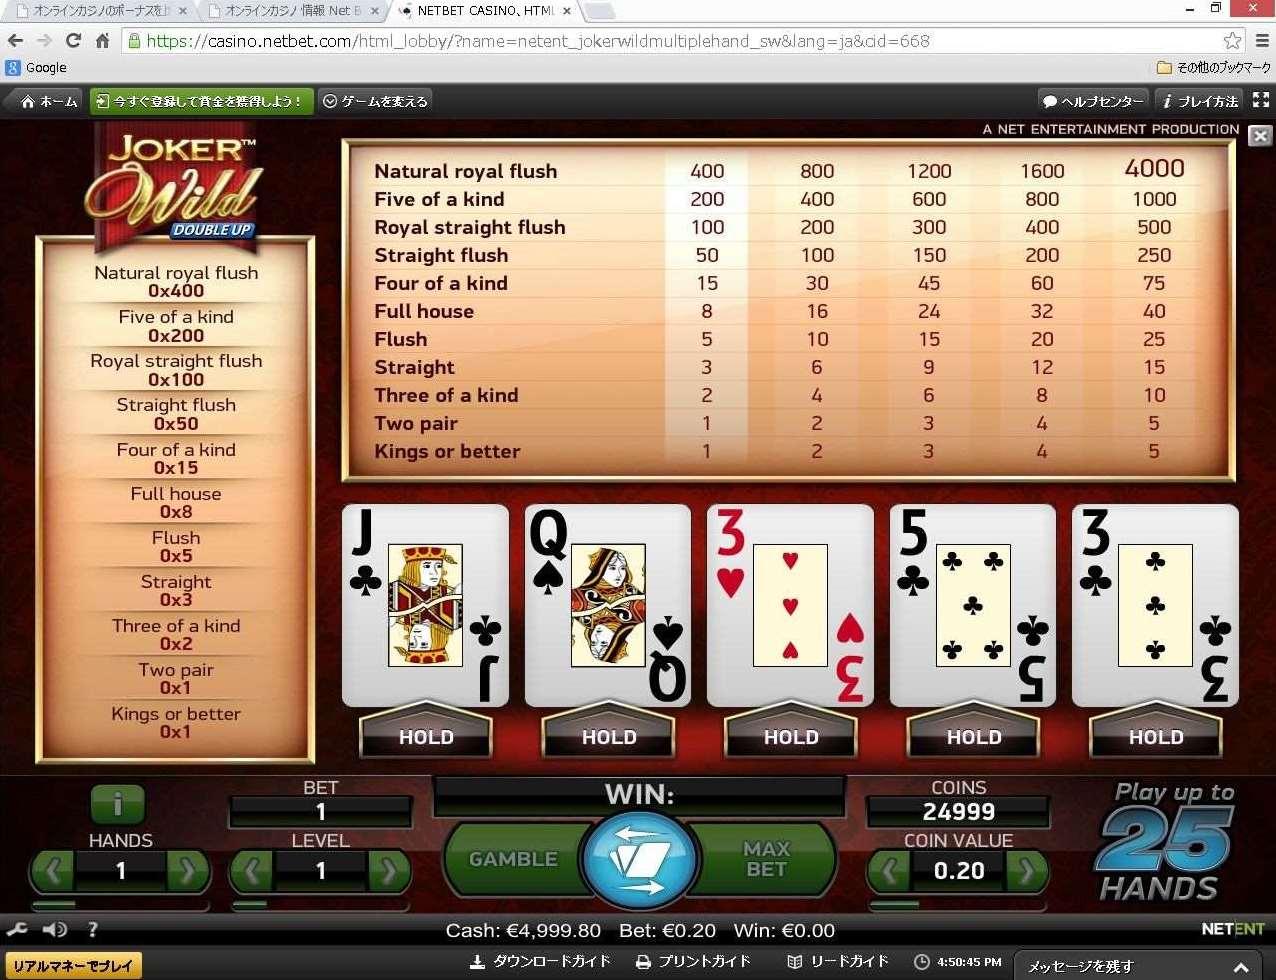 Joker Wild Double up1